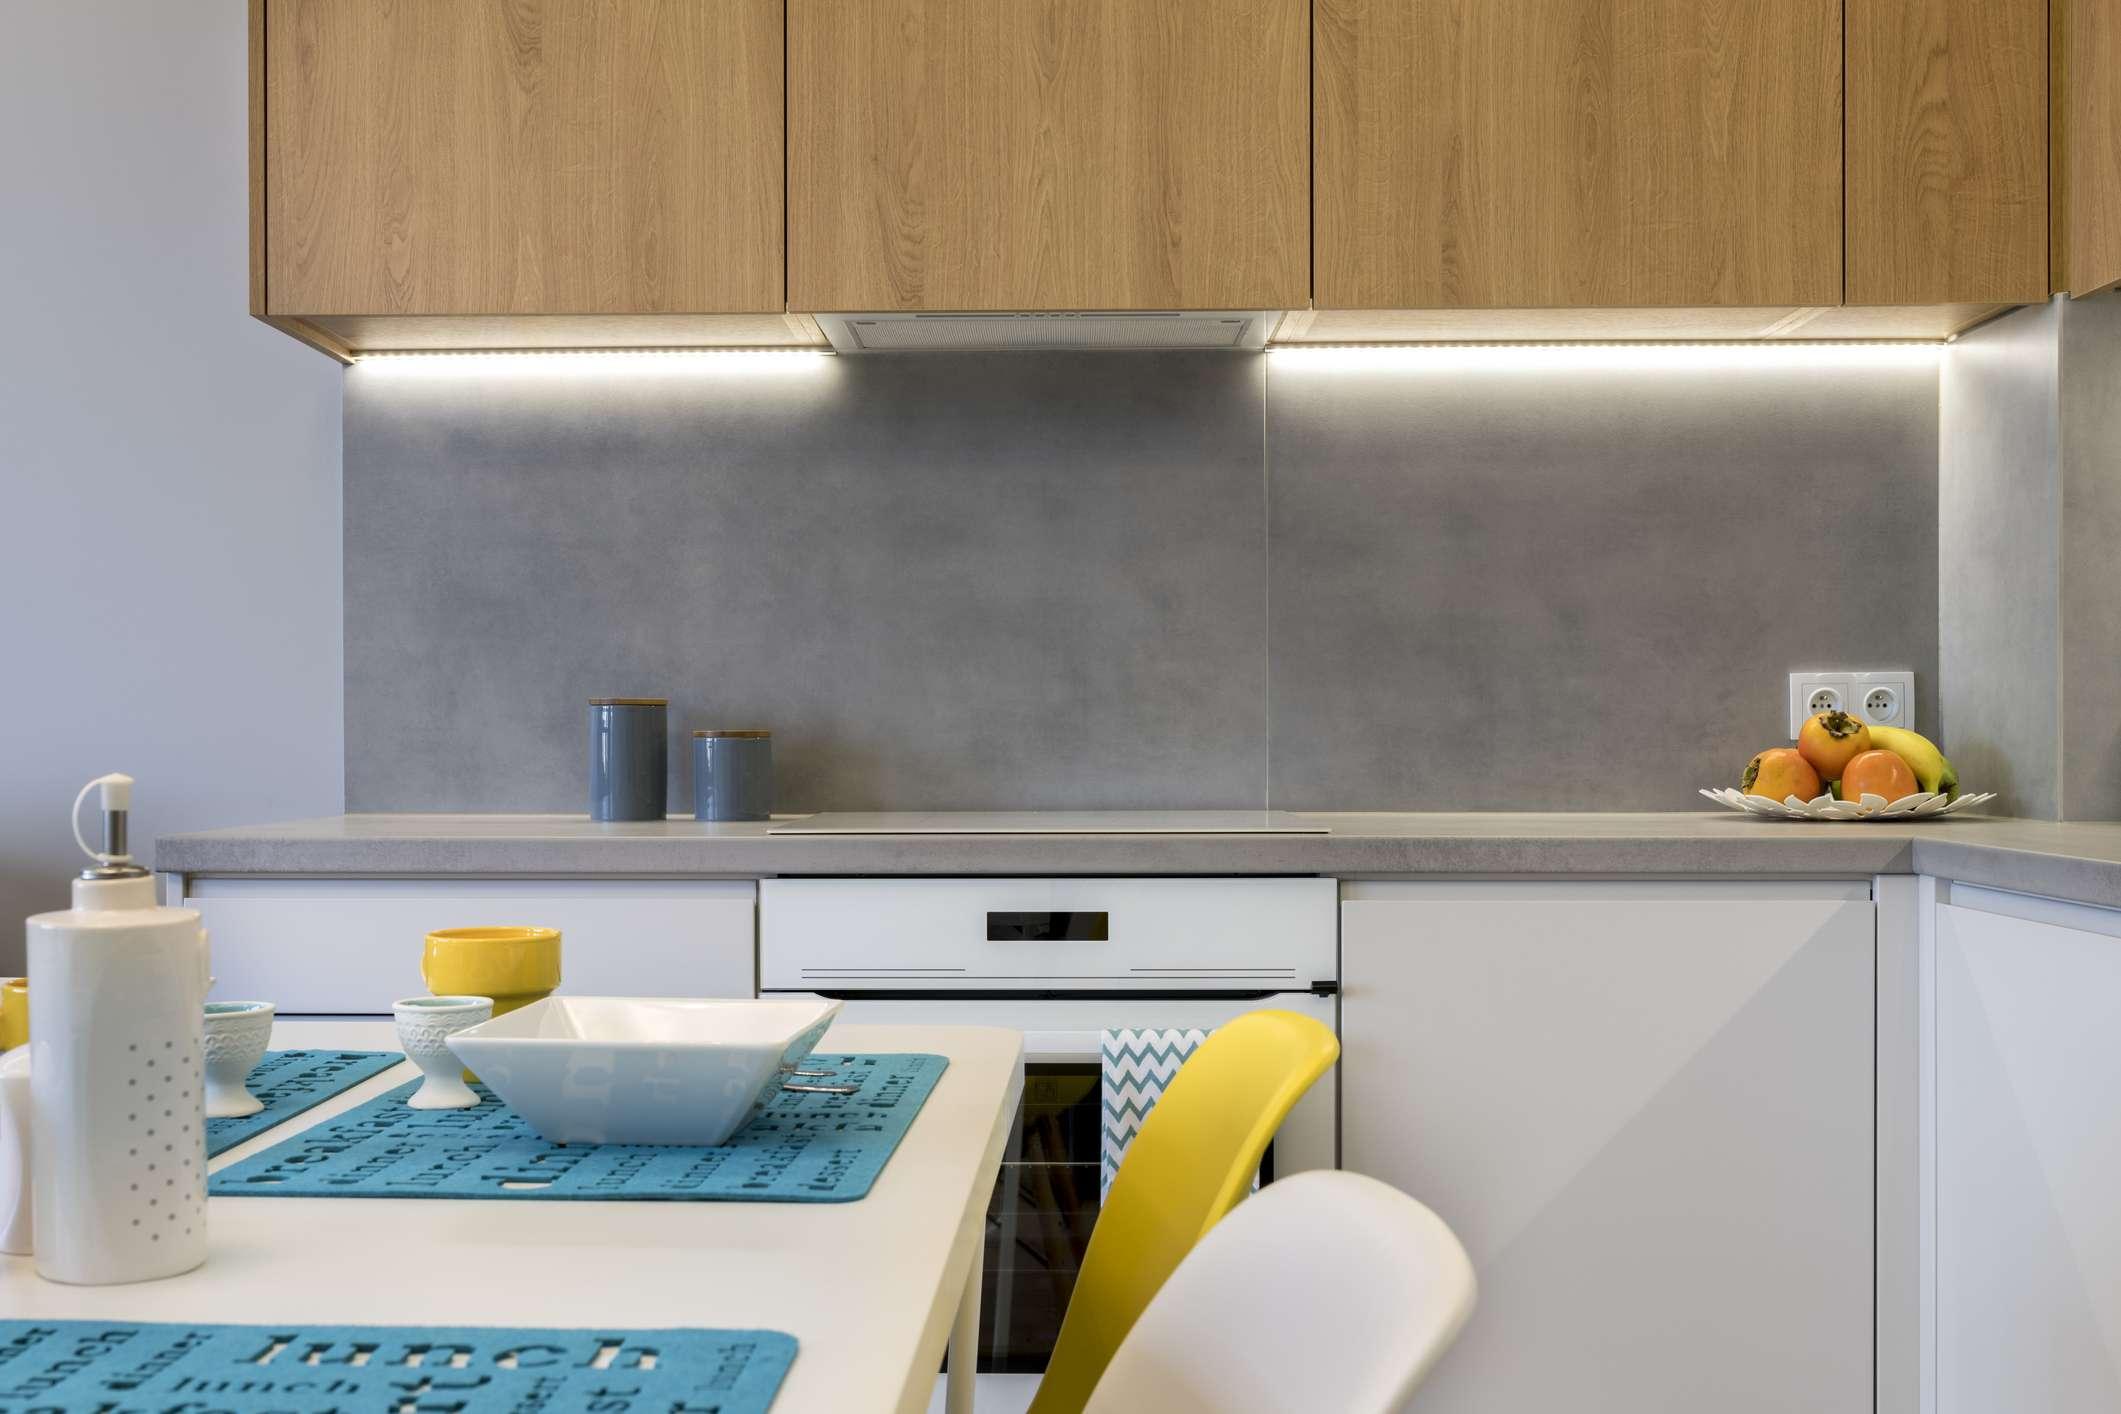 Cement kitchen backsplash